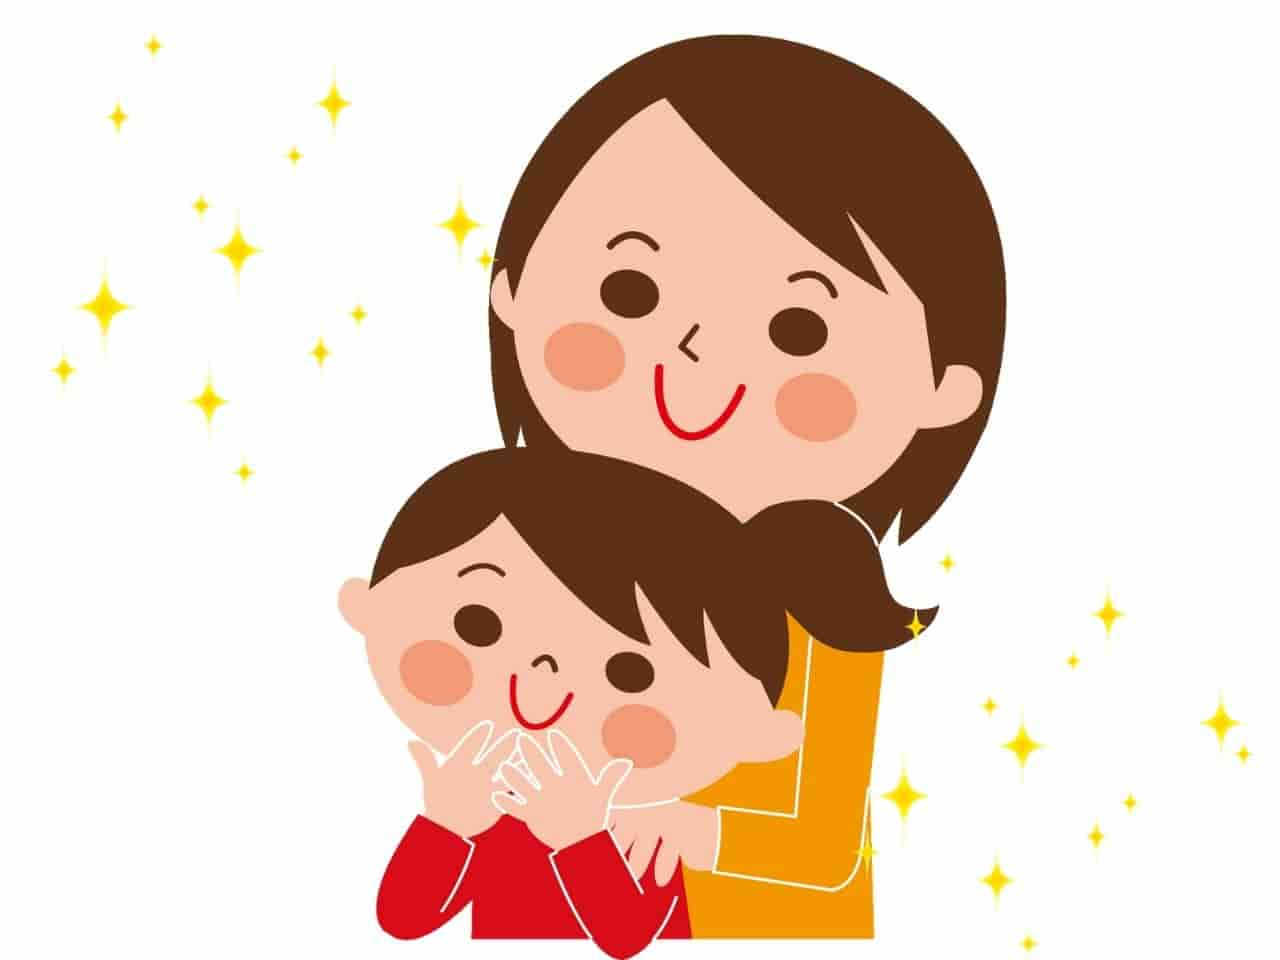 仲良く寄り添う母と娘